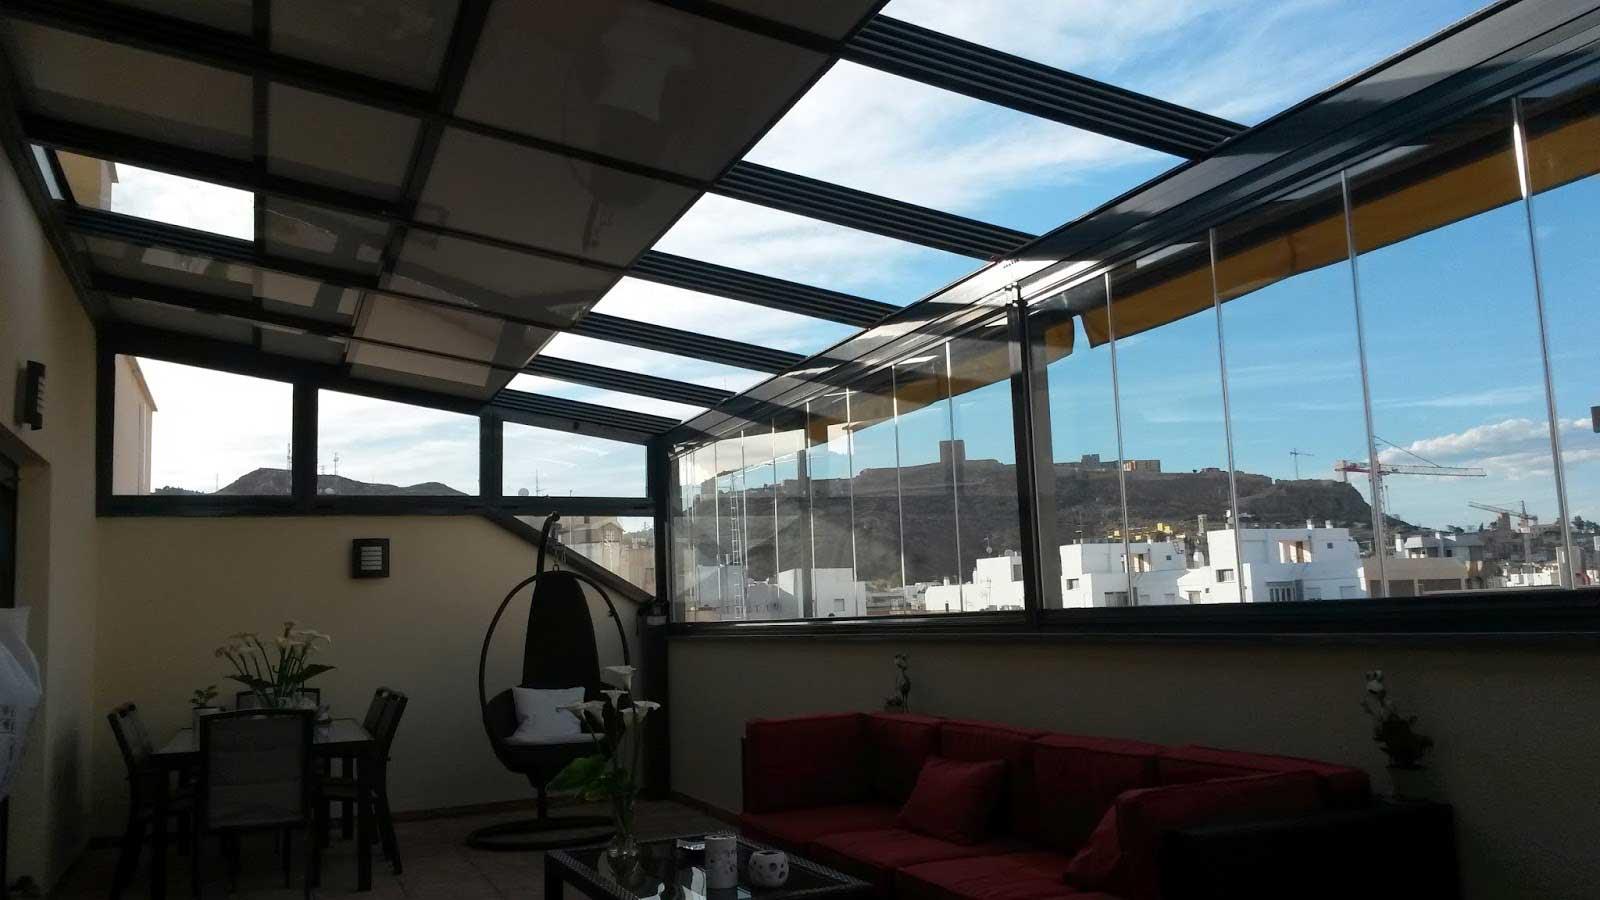 En la terraza trabajamos para una pelicula traviesa - 3 part 6